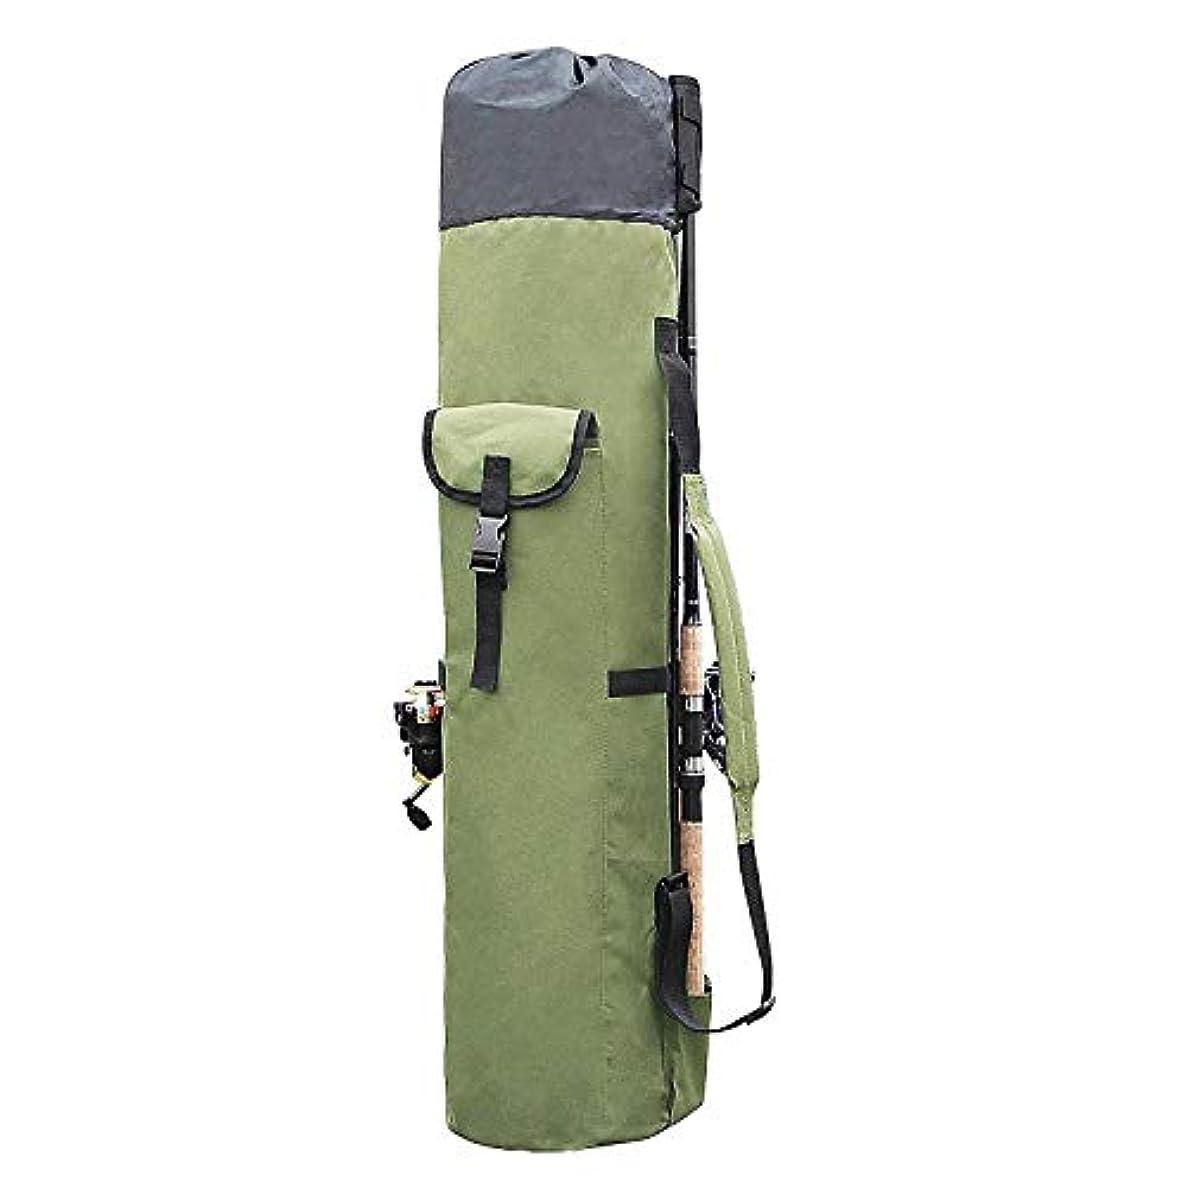 操るトークビジョンJVSISM 釣りバッグ ポータブル多機能ナイロン釣り竿収納ケース キャンバスリールオーガナイザー 旅行キャリーポールツールバッグ